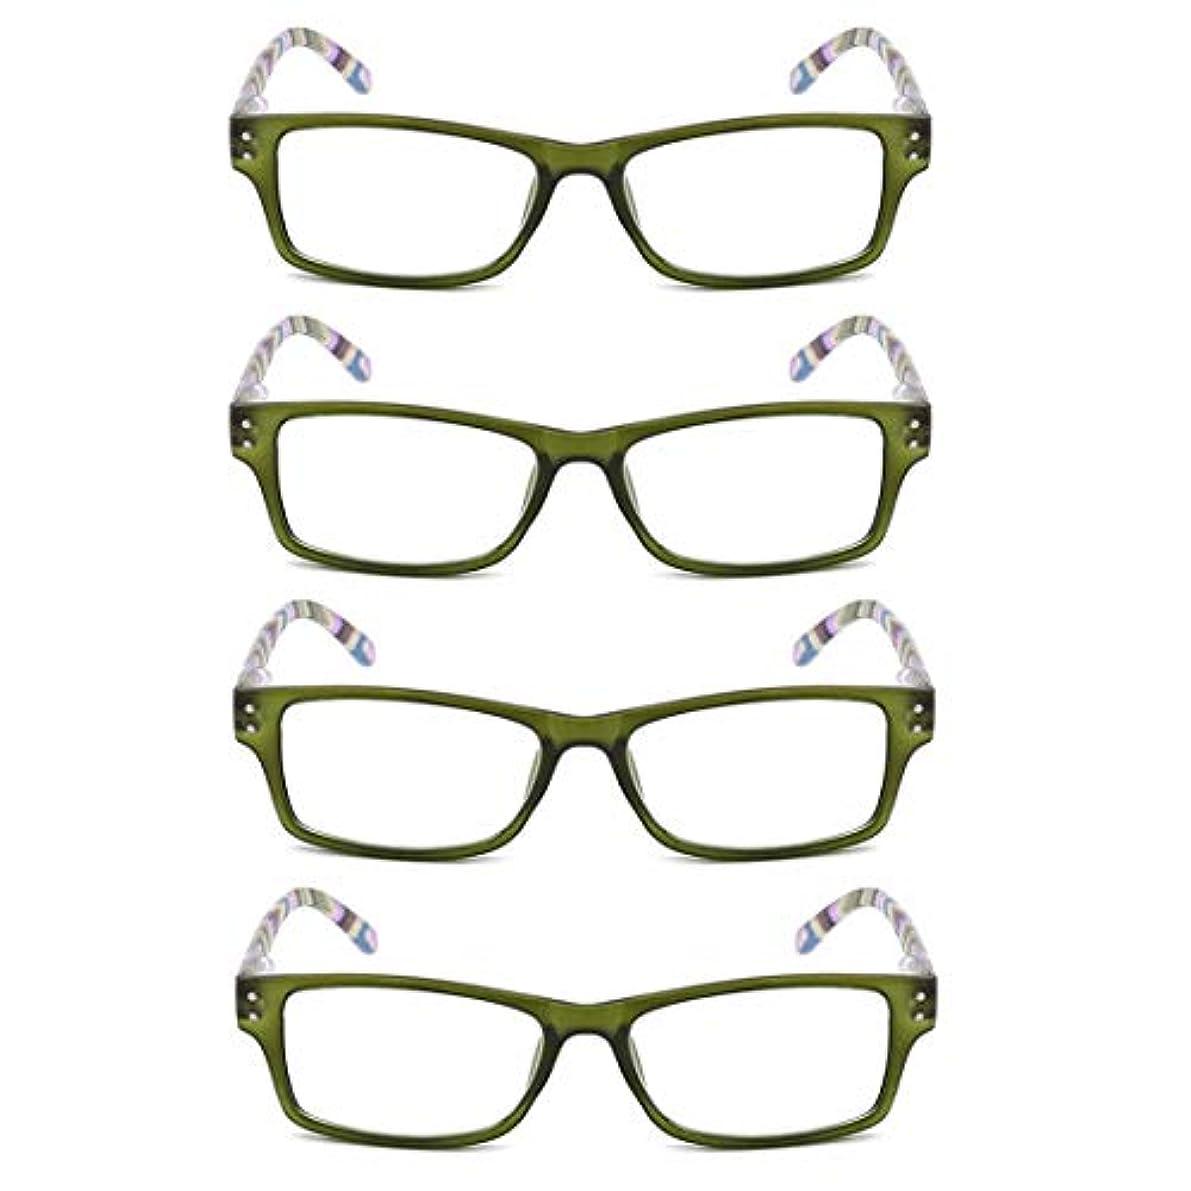 ファッションユニセックス老眼鏡、フルフレーム抗疲労メガネ、金属スプリングヒンジ、クリアビジョン、複数の色から選択可能